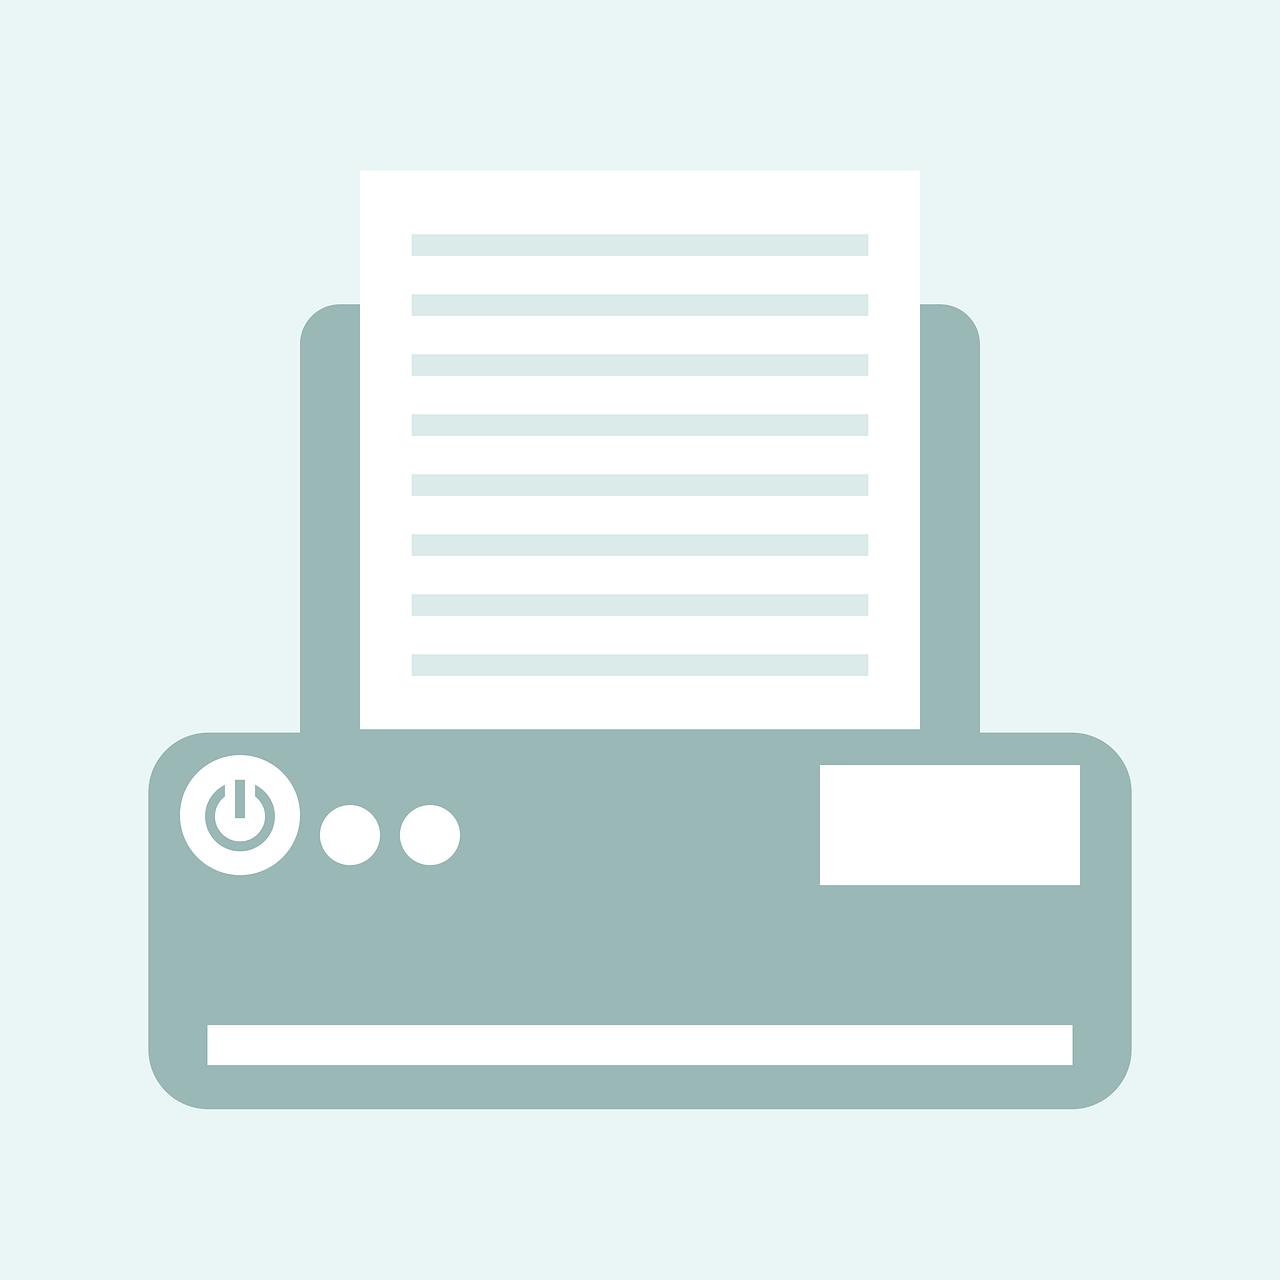 aplikasi scanner dokumen dan convert ke pdf android